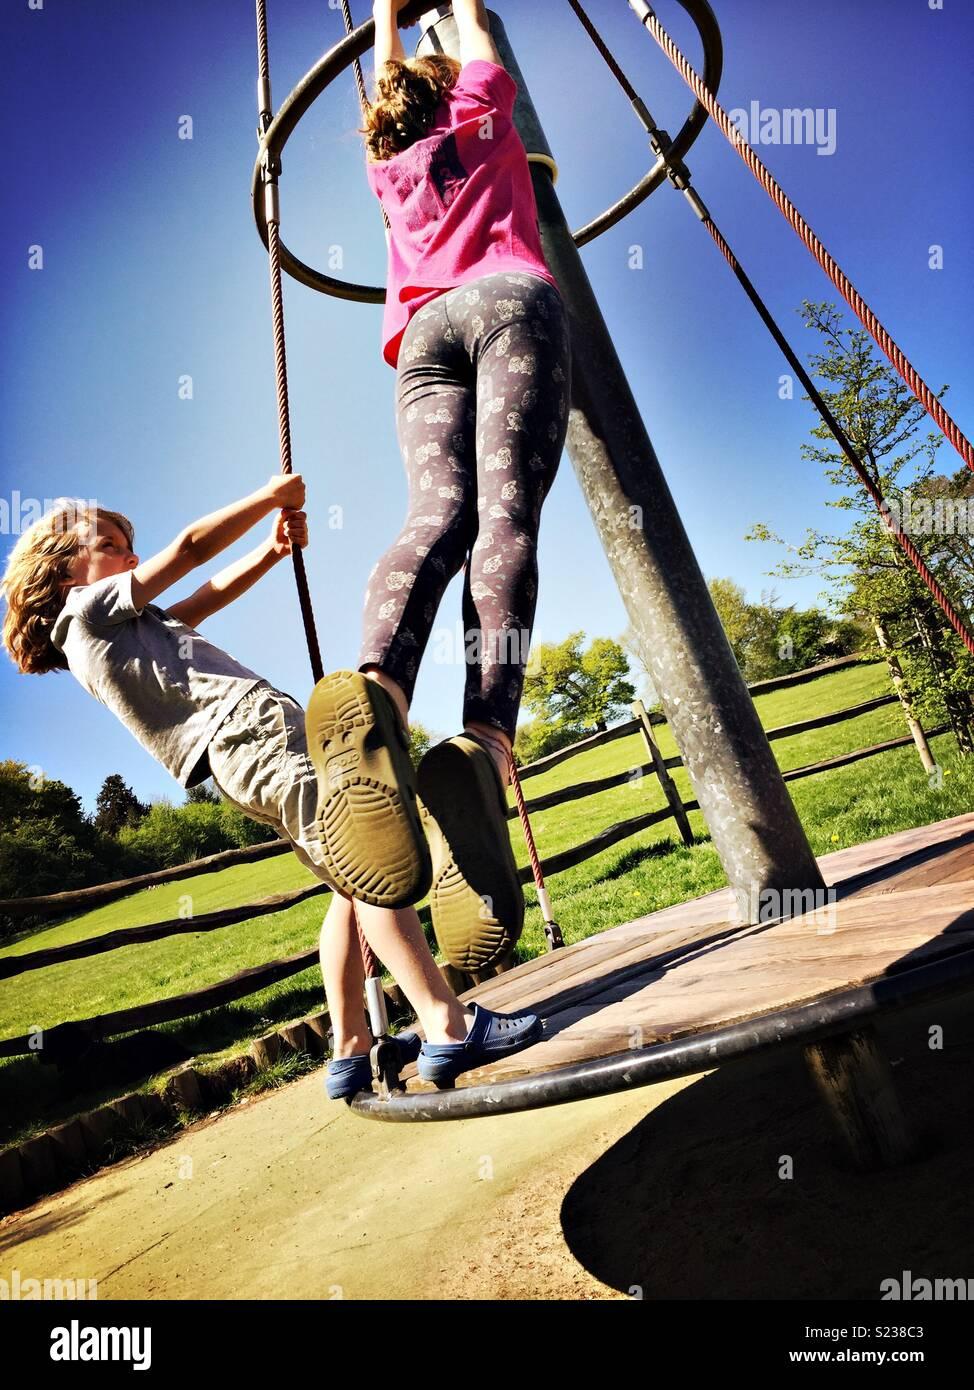 Bambini che giocano nel parco. Azione girato Immagini Stock